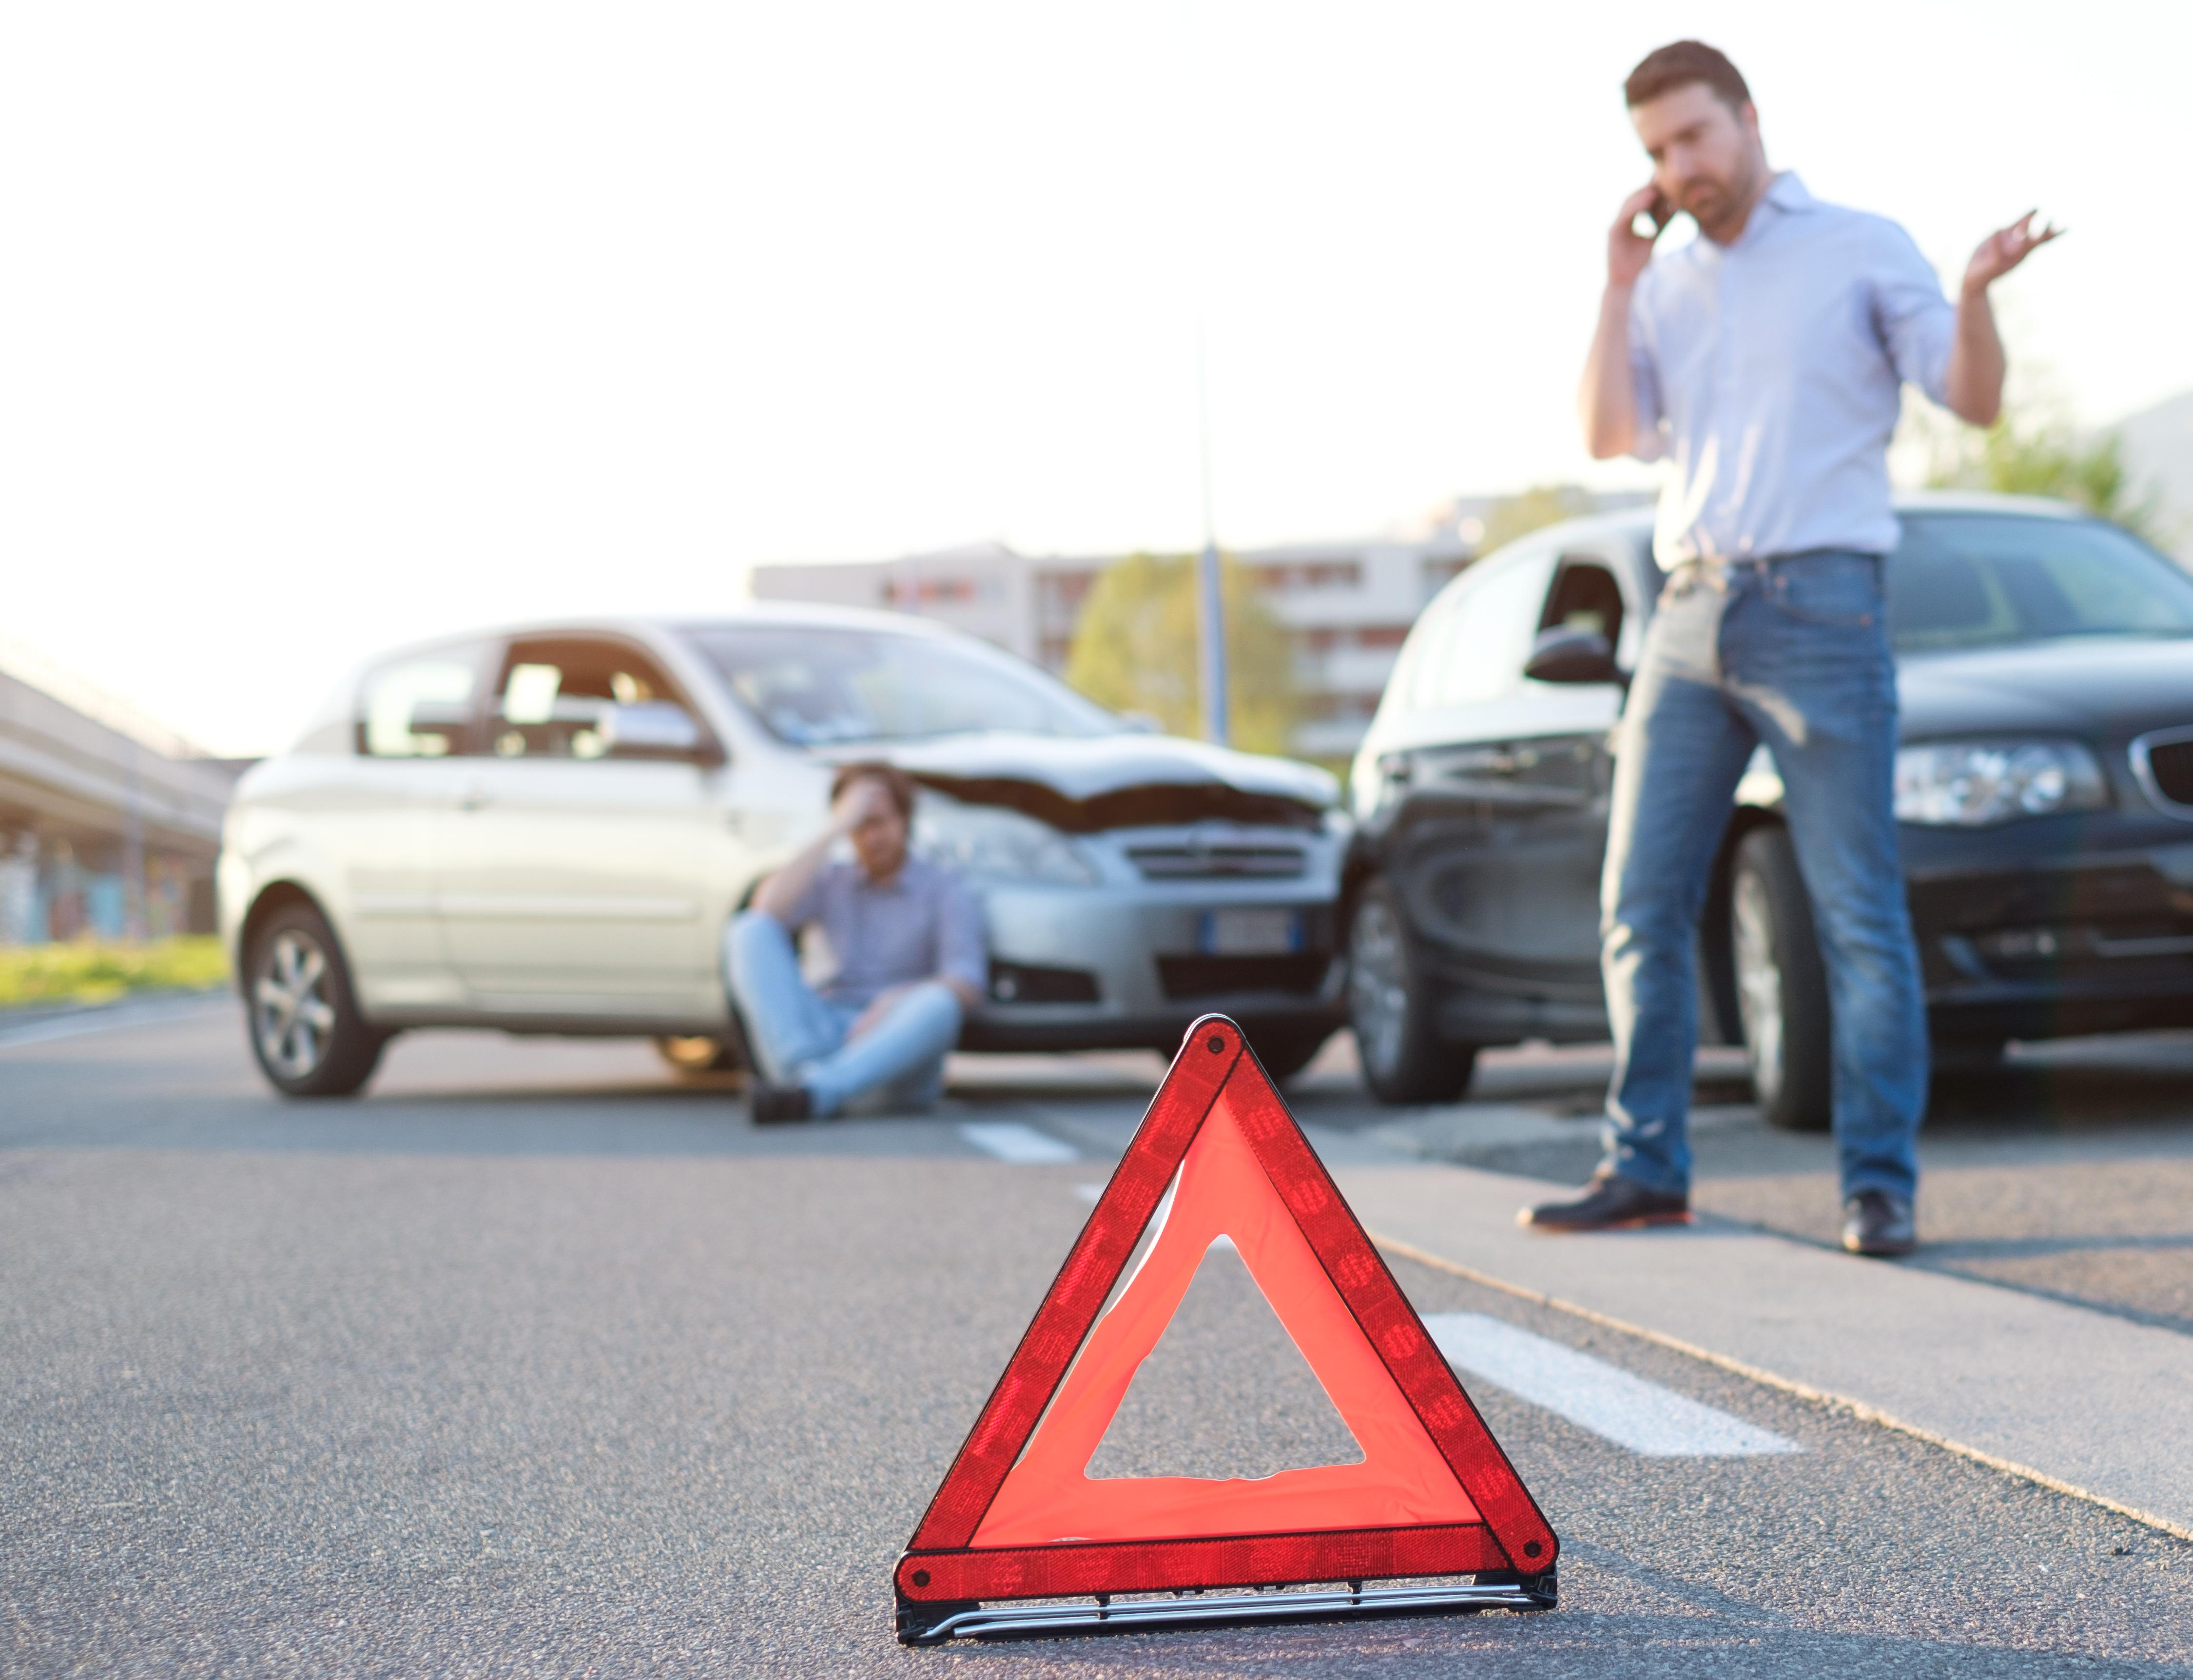 Even fender benders cause injuries.